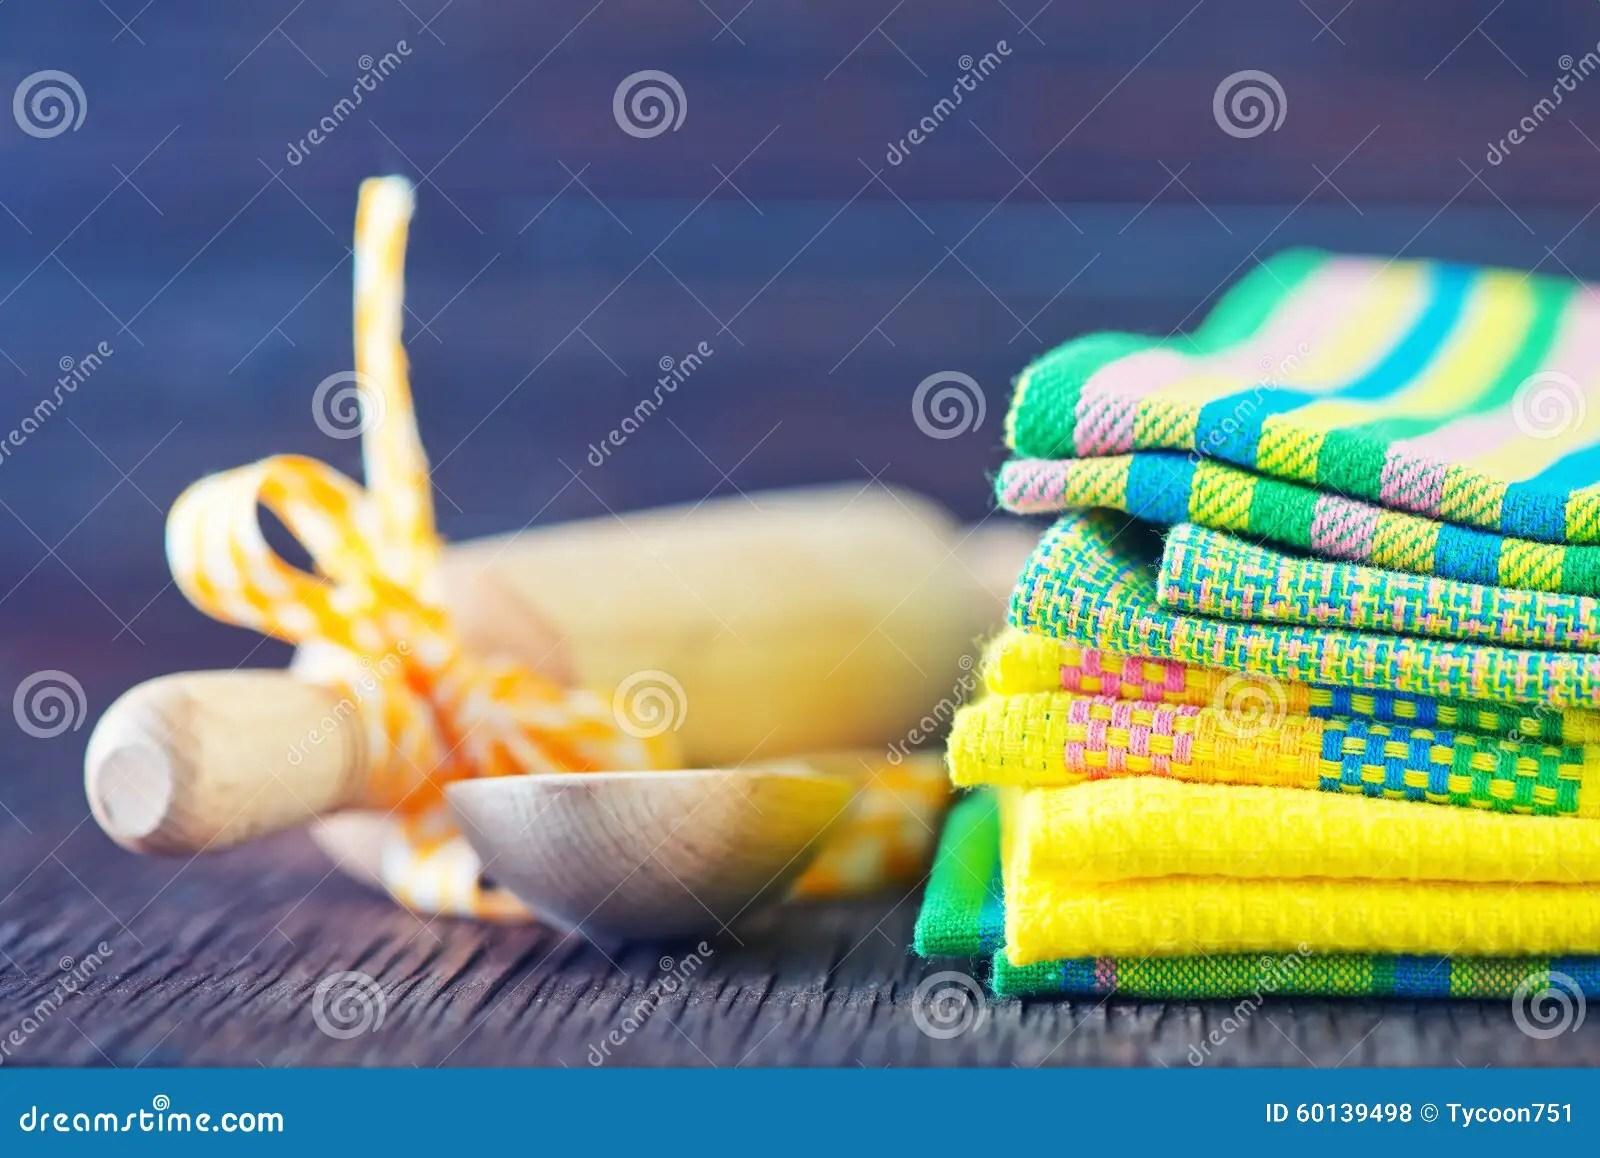 Broderie Suisse per passione: Asciugamani da cucina